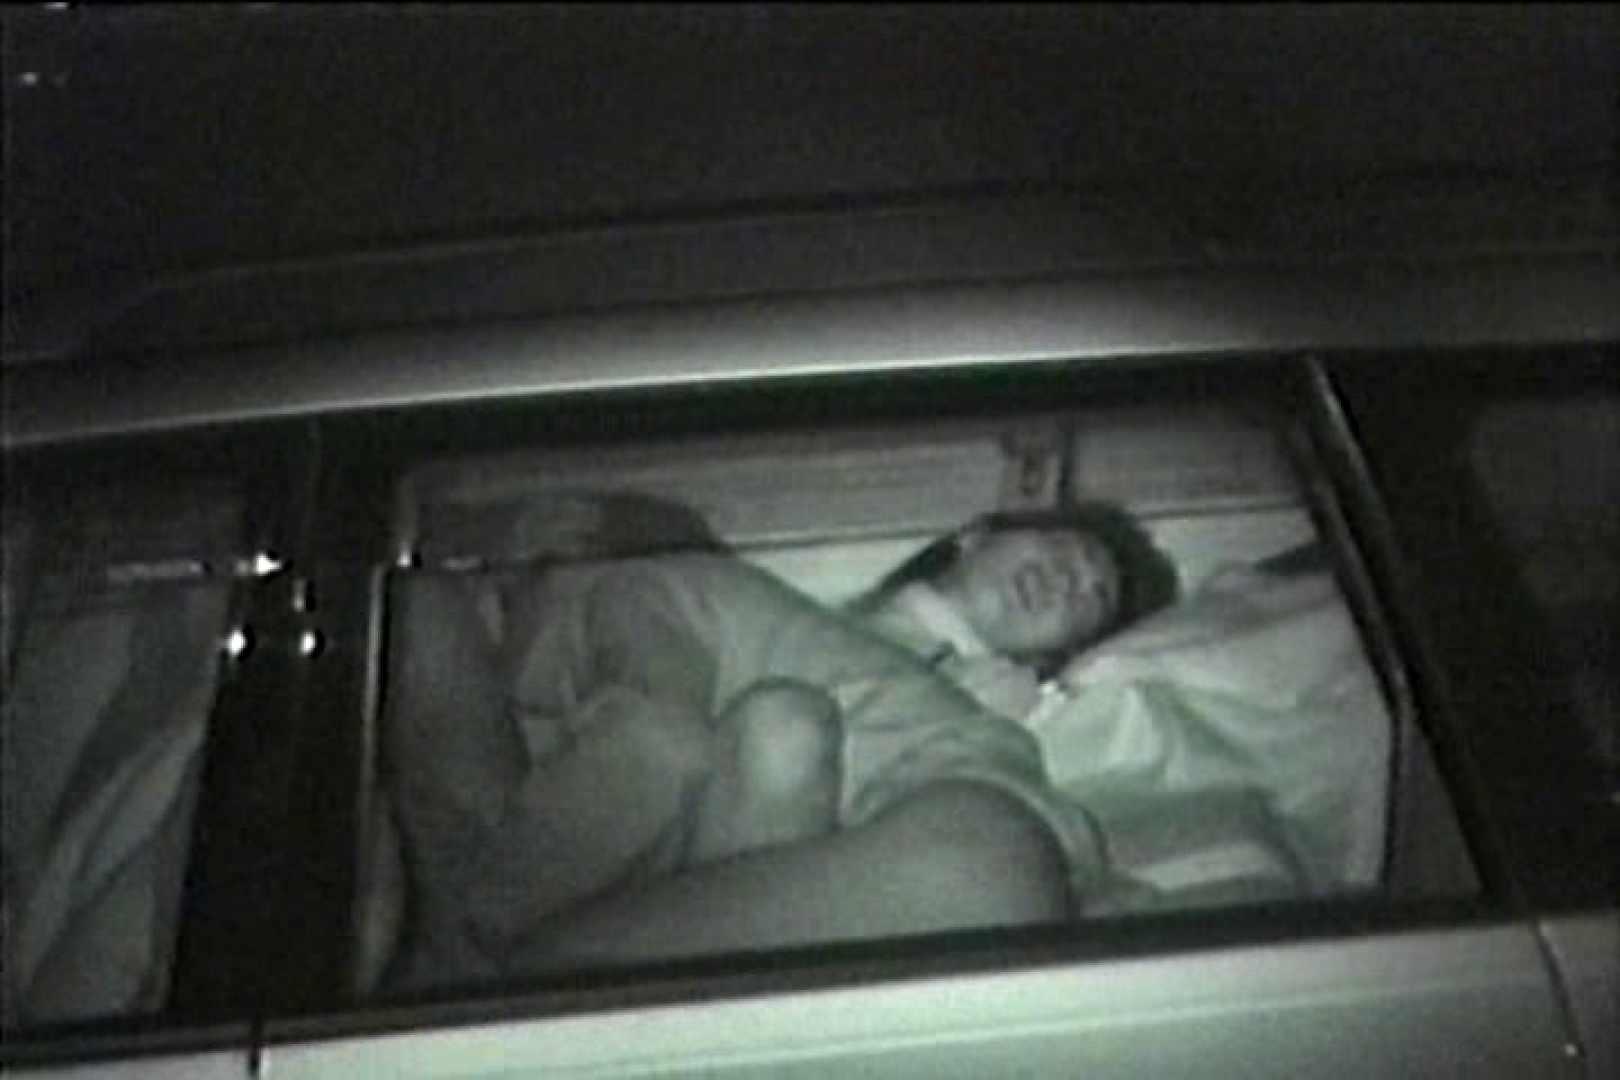 車の中はラブホテル 無修正版  Vol.7 人気シリーズ 戯れ無修正画像 59画像 38